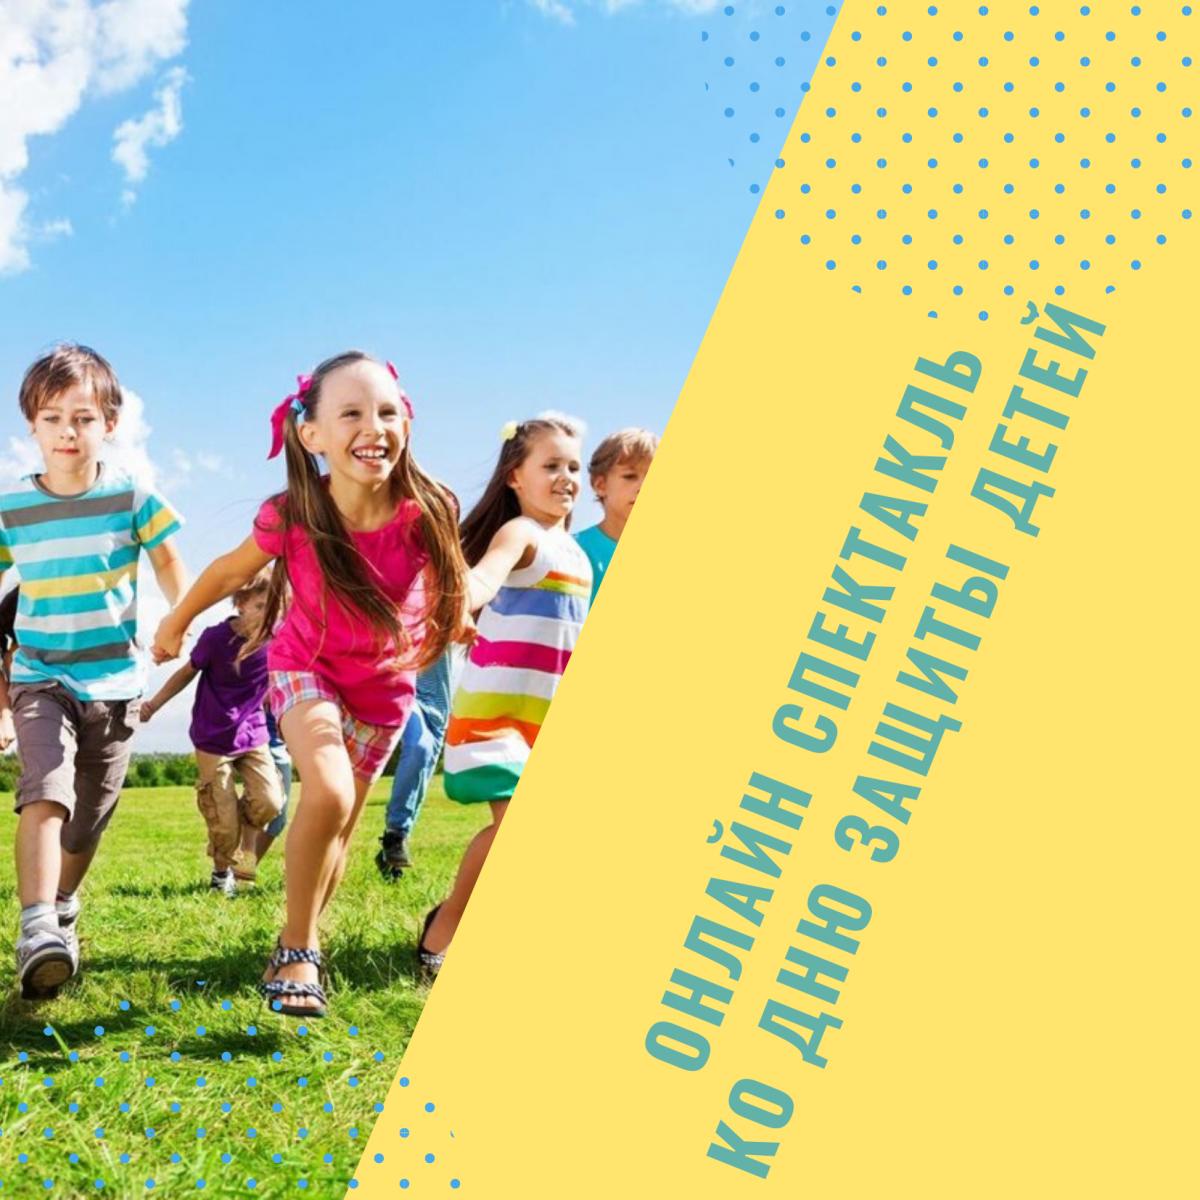 Онлайн СПЕКТАКЛЬ ко Дню защиты детей